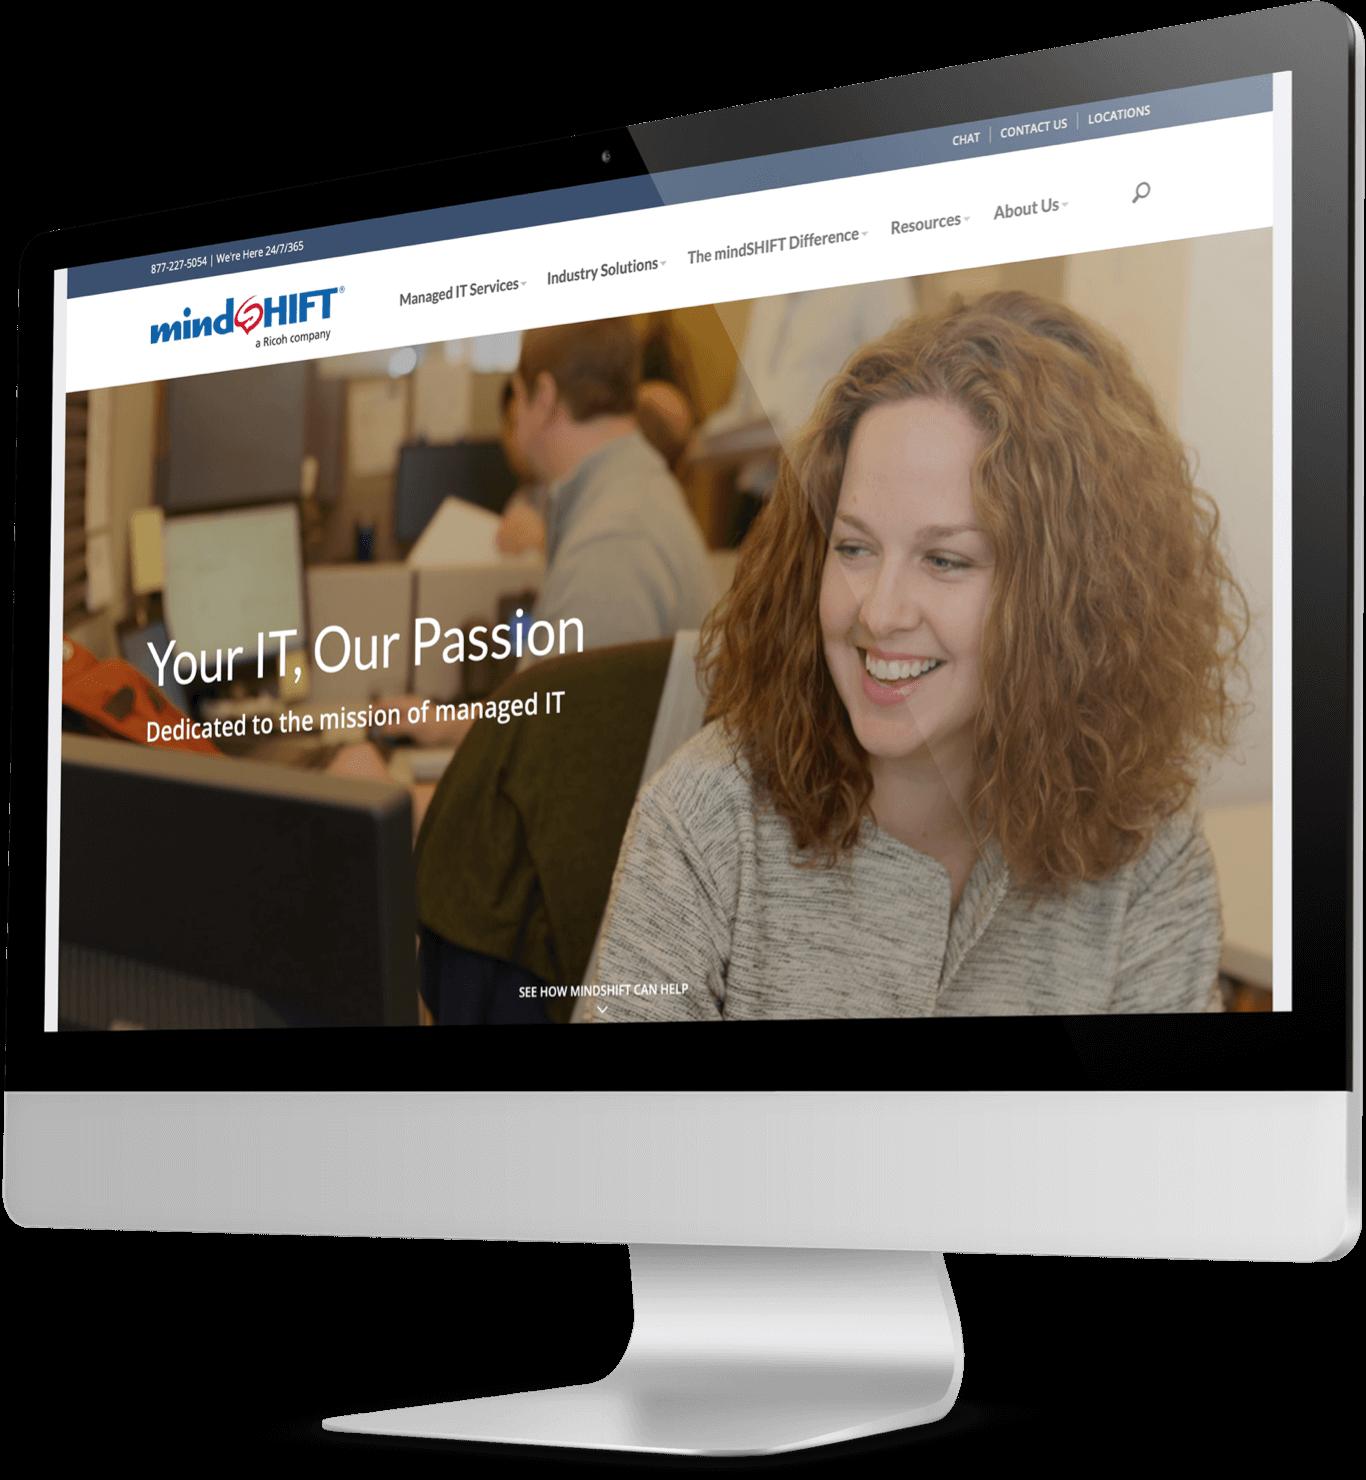 mindSHIFT's homepage shown on desktop